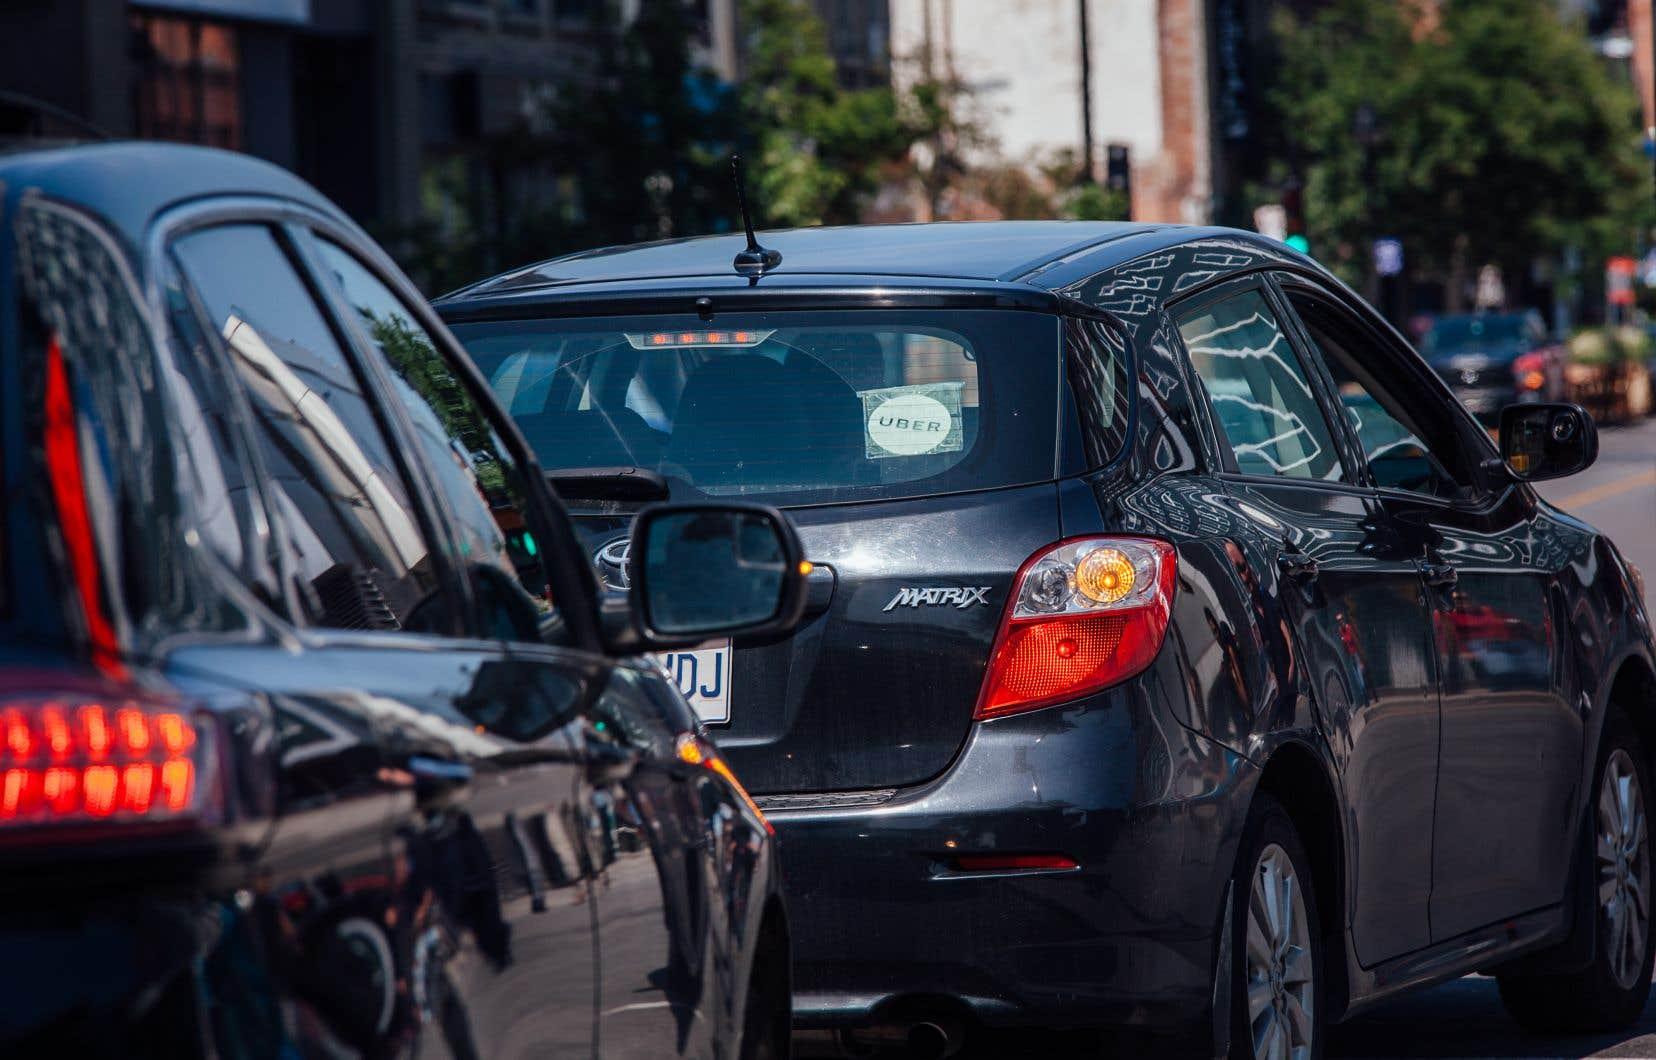 Selon un rapport publié par la firme Schaller Consulting,60% des utilisateurs d'Uber ou de Lyft aux États-Unis auraient utilisé le transport en commun, marché ou pris leur vélo si ces applications n'existaient pas.